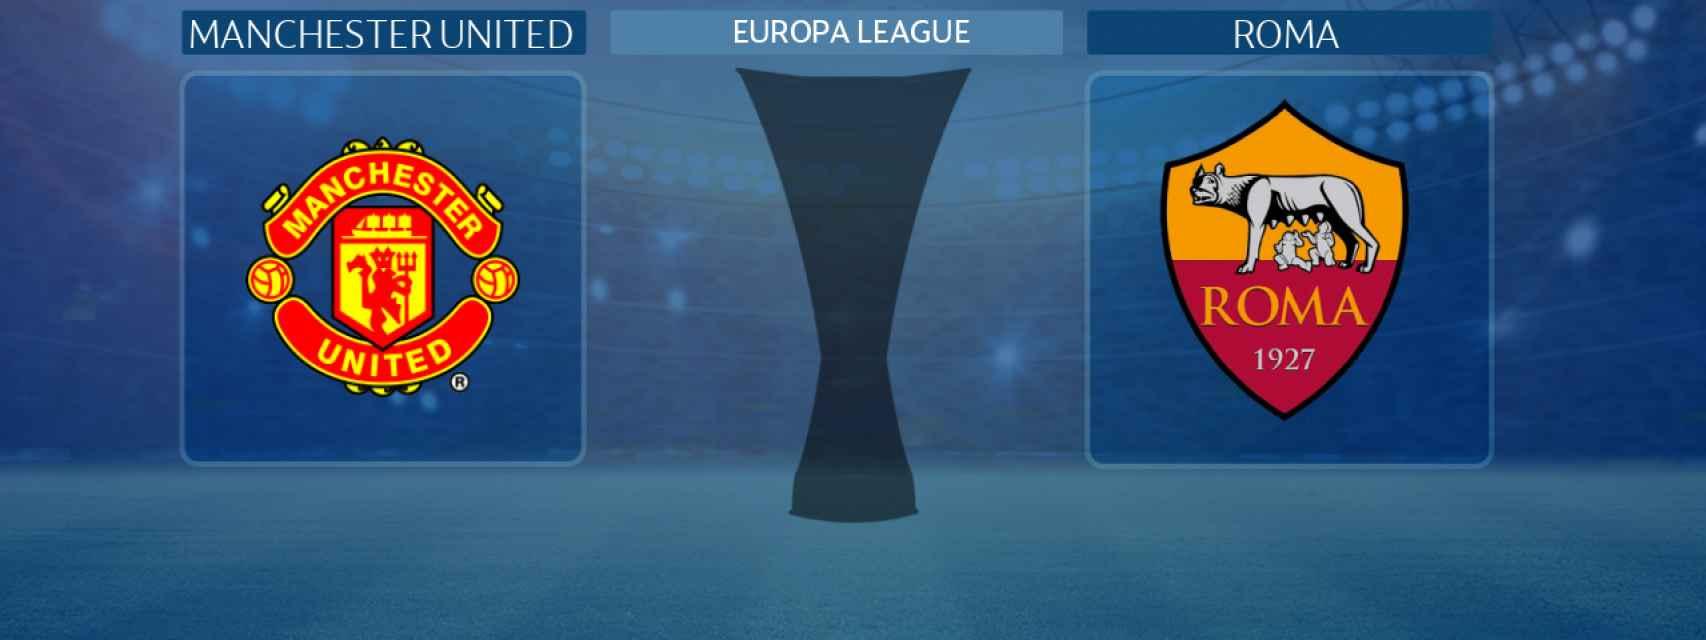 Manchester United - Roma, partido de la Europa League